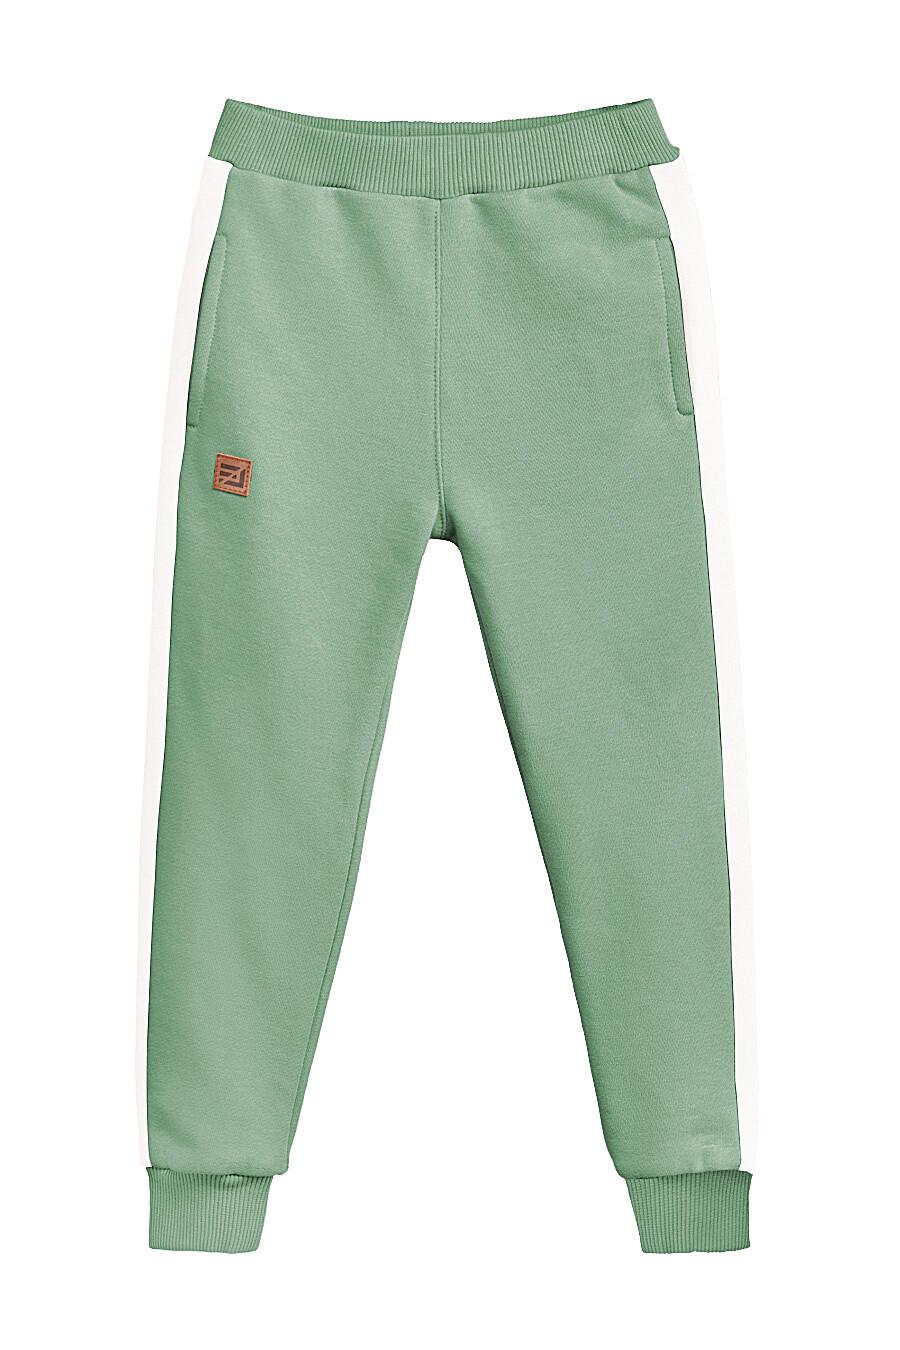 Брюки для девочек EZANNA 668068 купить оптом от производителя. Совместная покупка детской одежды в OptMoyo